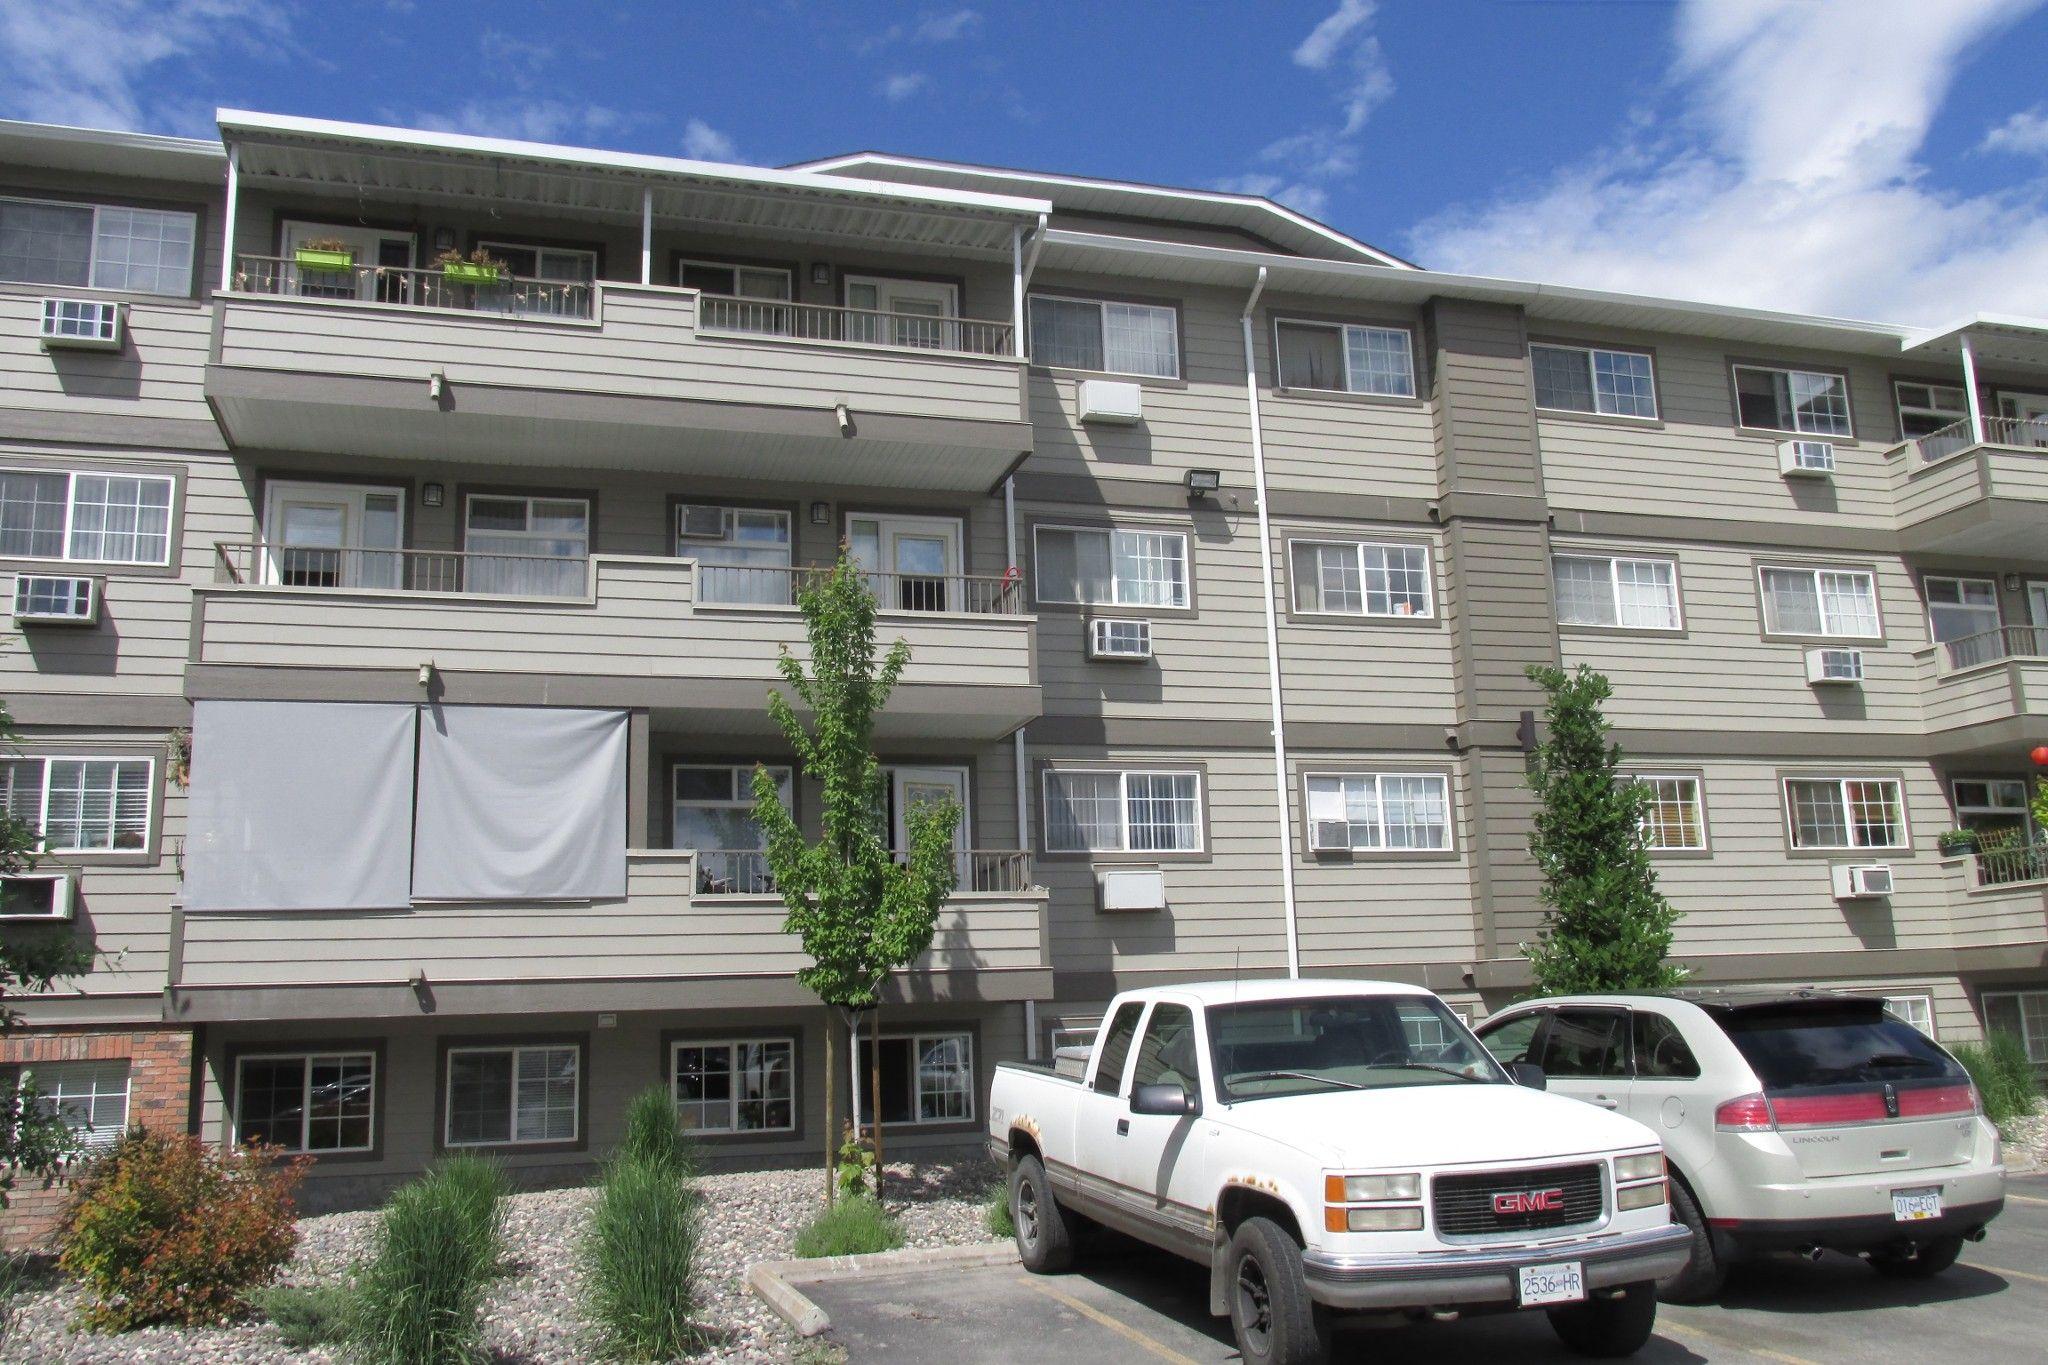 Photo 11: Photos: #406 3700 28A St in Vernon: City of Vernon Condo for sale : MLS®# 10184299